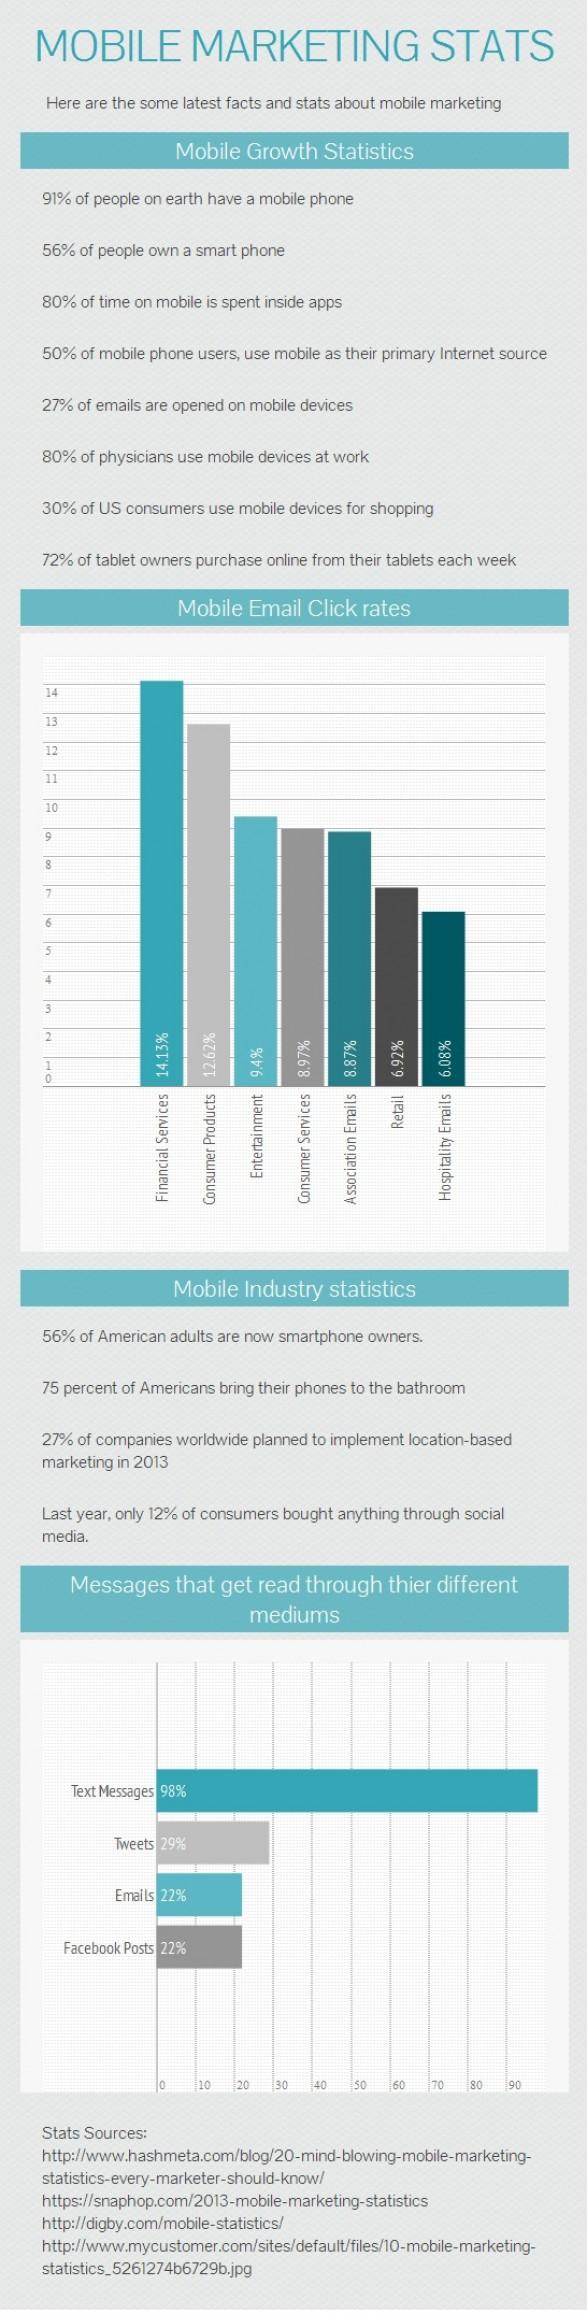 Statistiche sull'uso del telefono mobile. Gli SMS: i più letti da telefono mobile